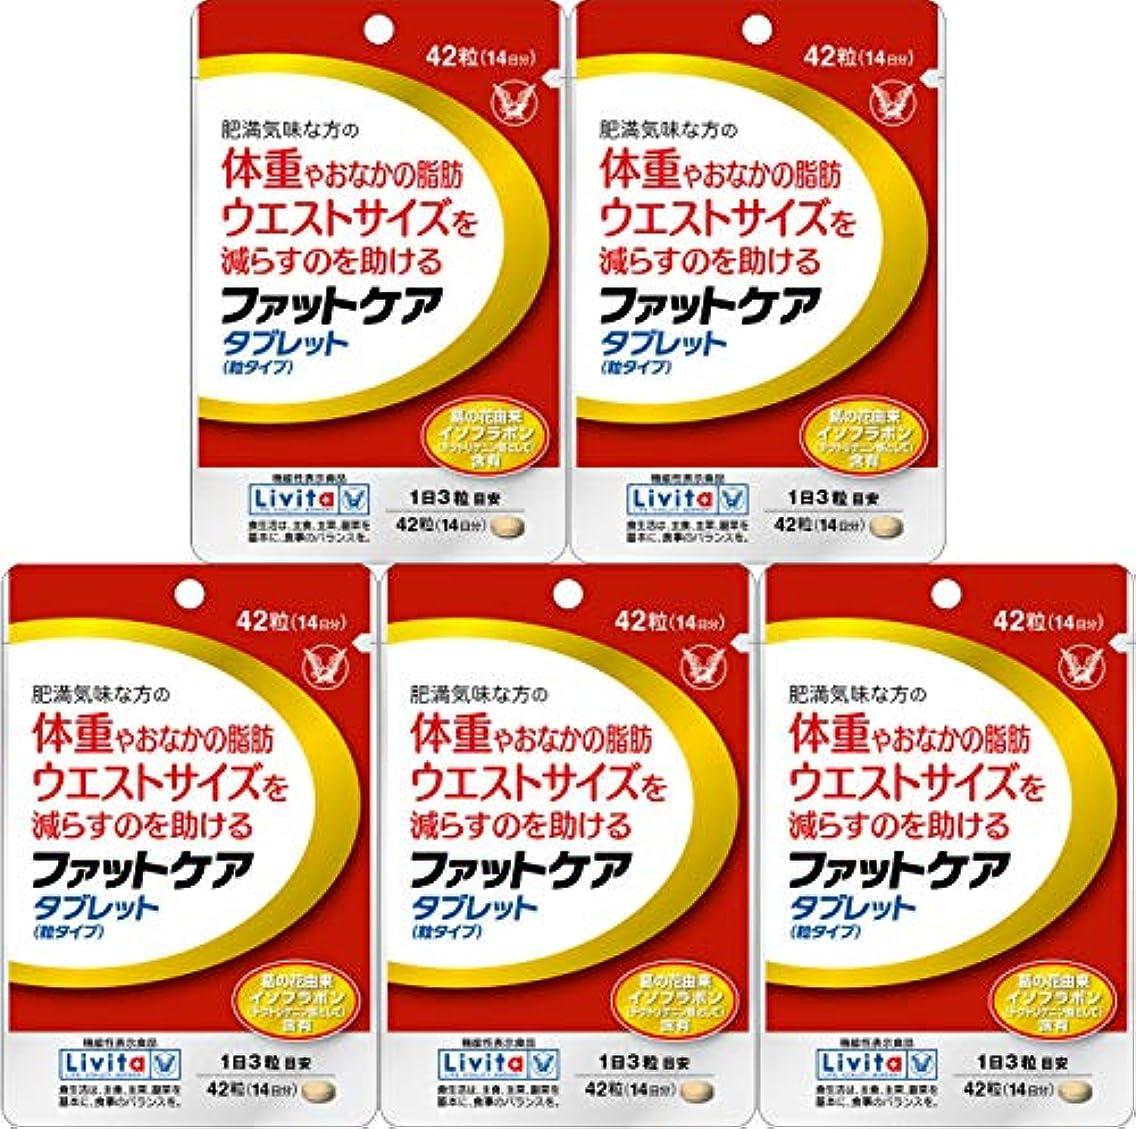 解き明かすネーピアカリング【5個セット】ファットケア タブレット 42粒(機能性表示食品)